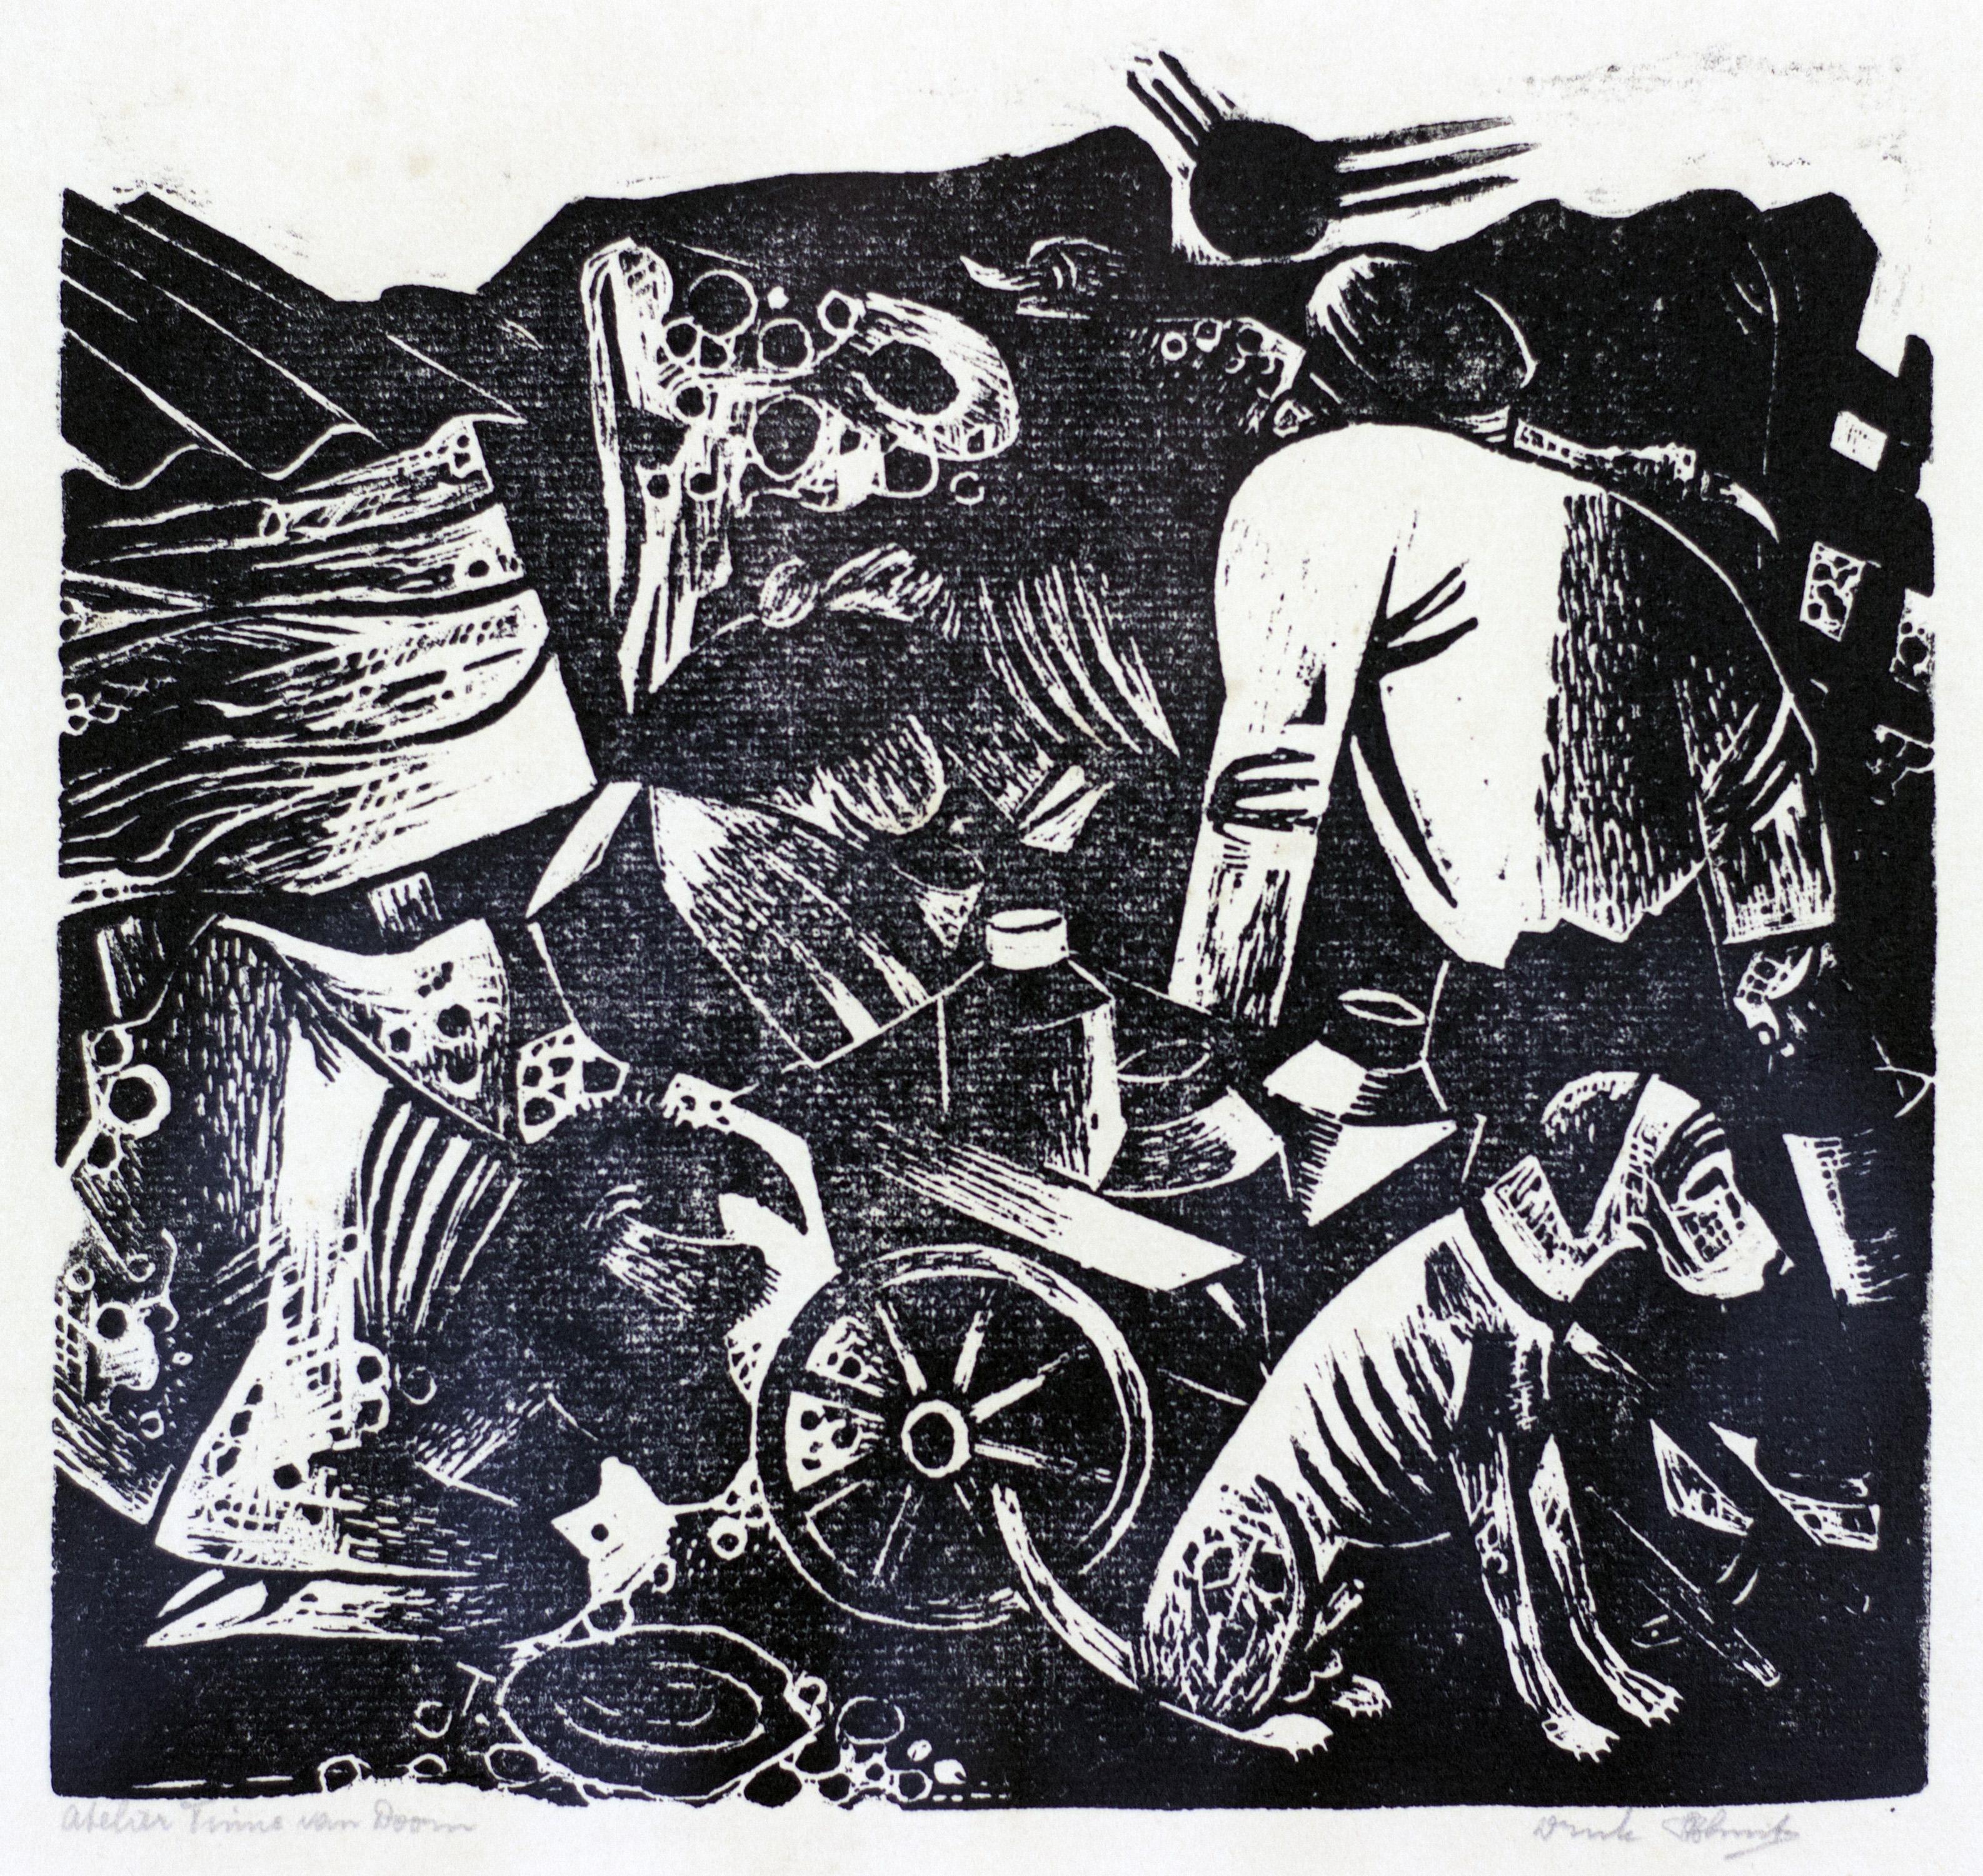 Melkwagen 1935- Tinus van Doorn